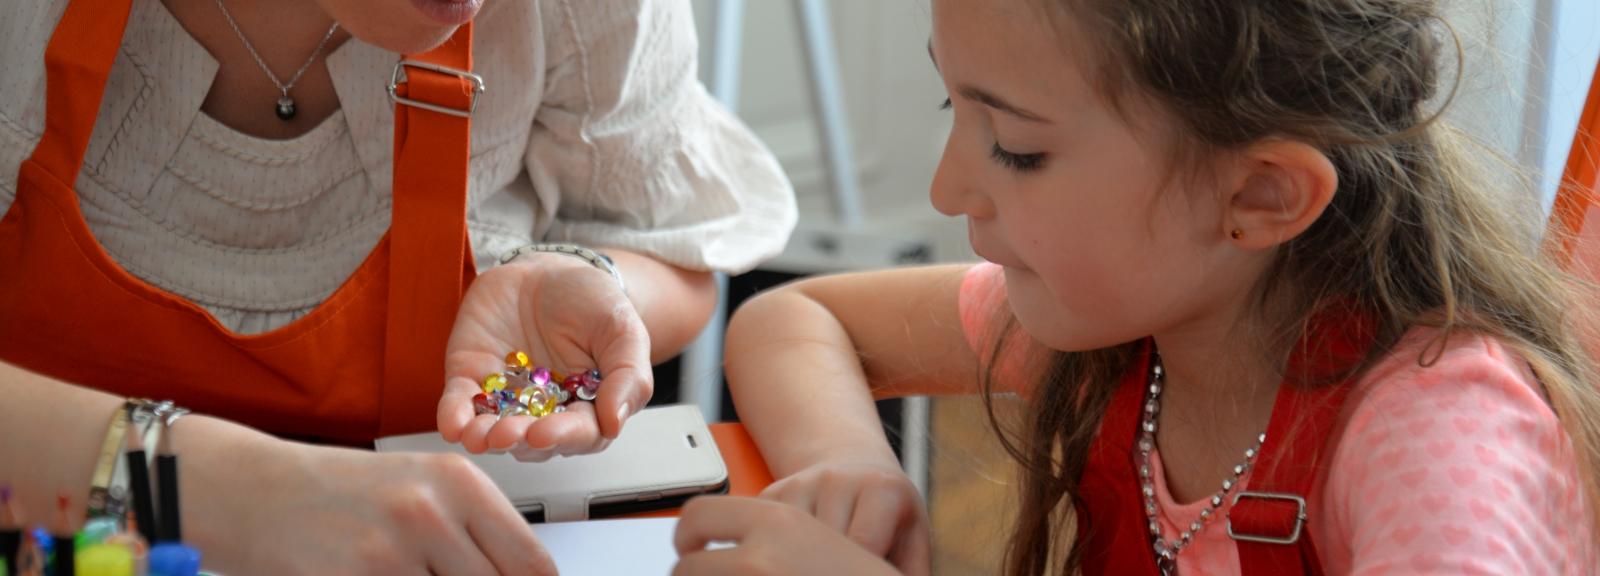 """Atelier """"Crée ton bijoux"""" © Ecole des Arts Joailliers - Van Cleef & Arpels"""